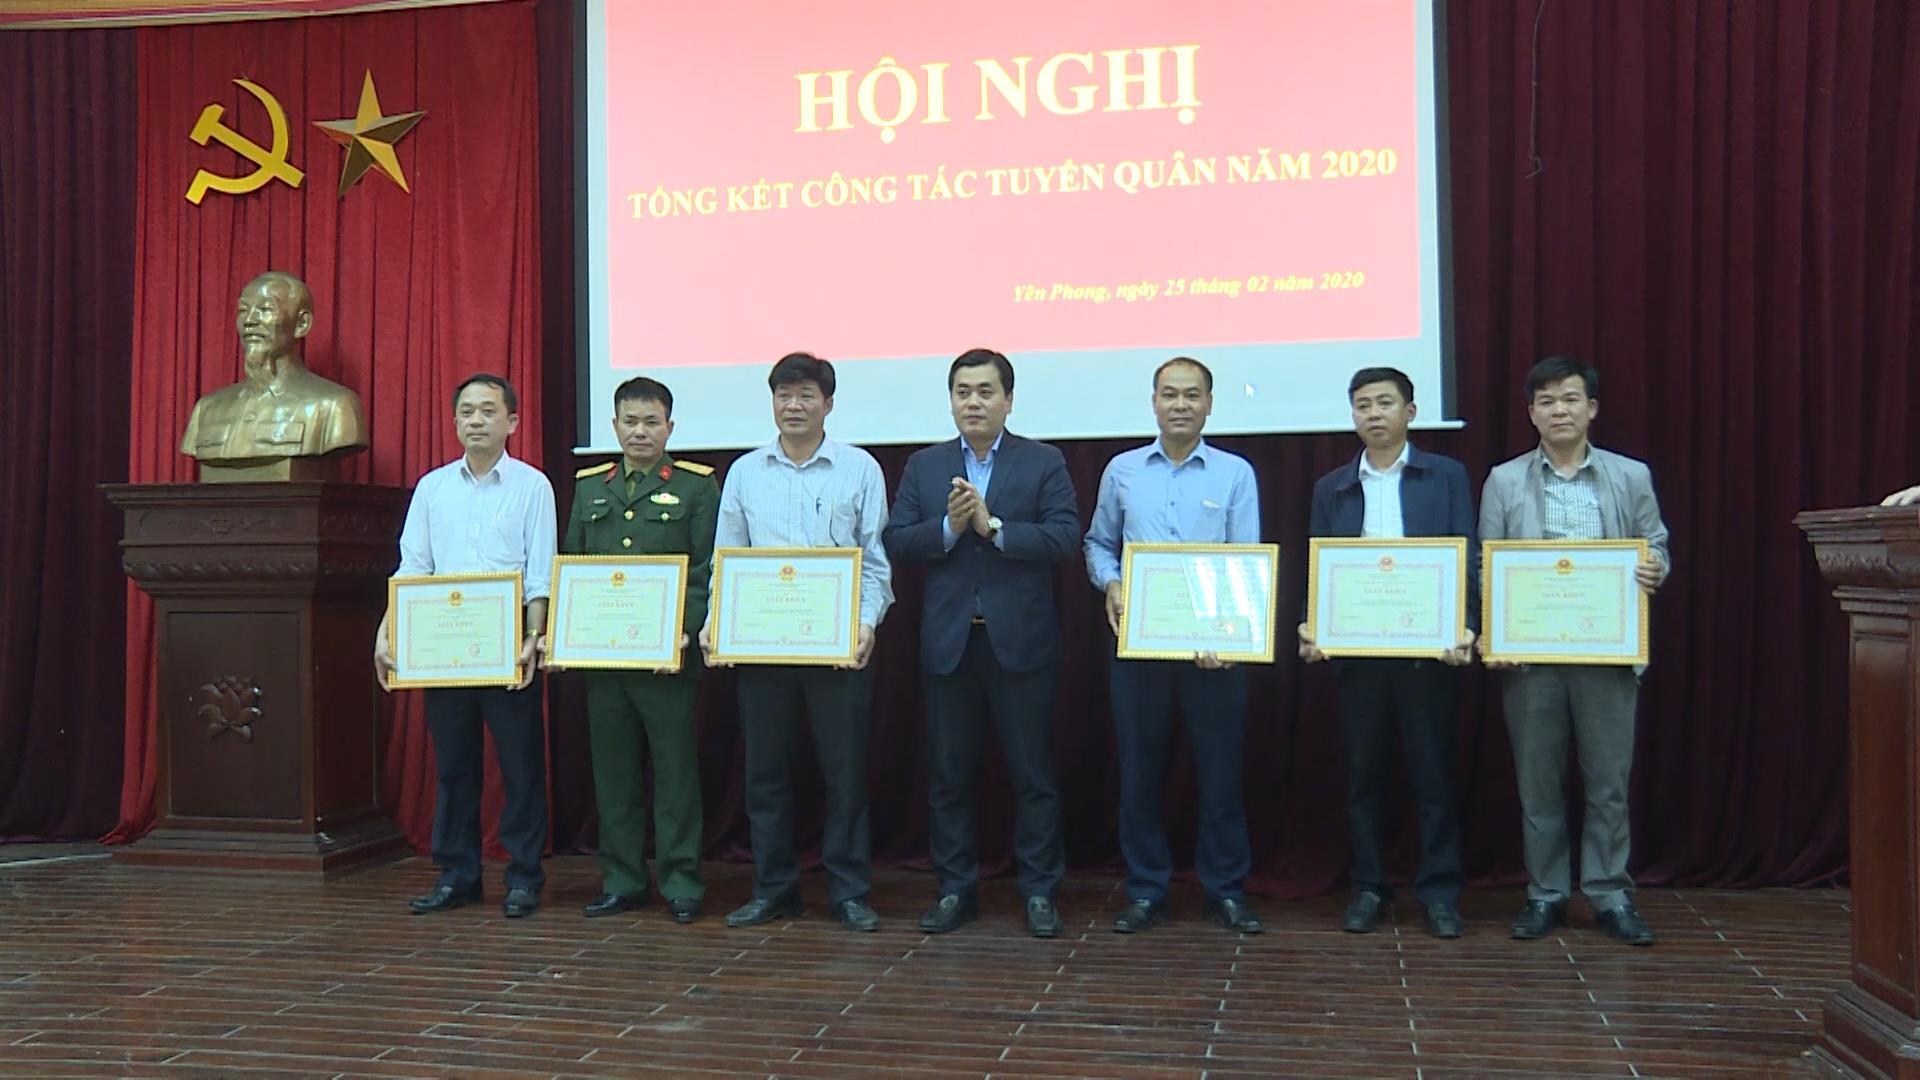 Huyện Yên Phong tổng kết công tác tuyển quân năm 2020